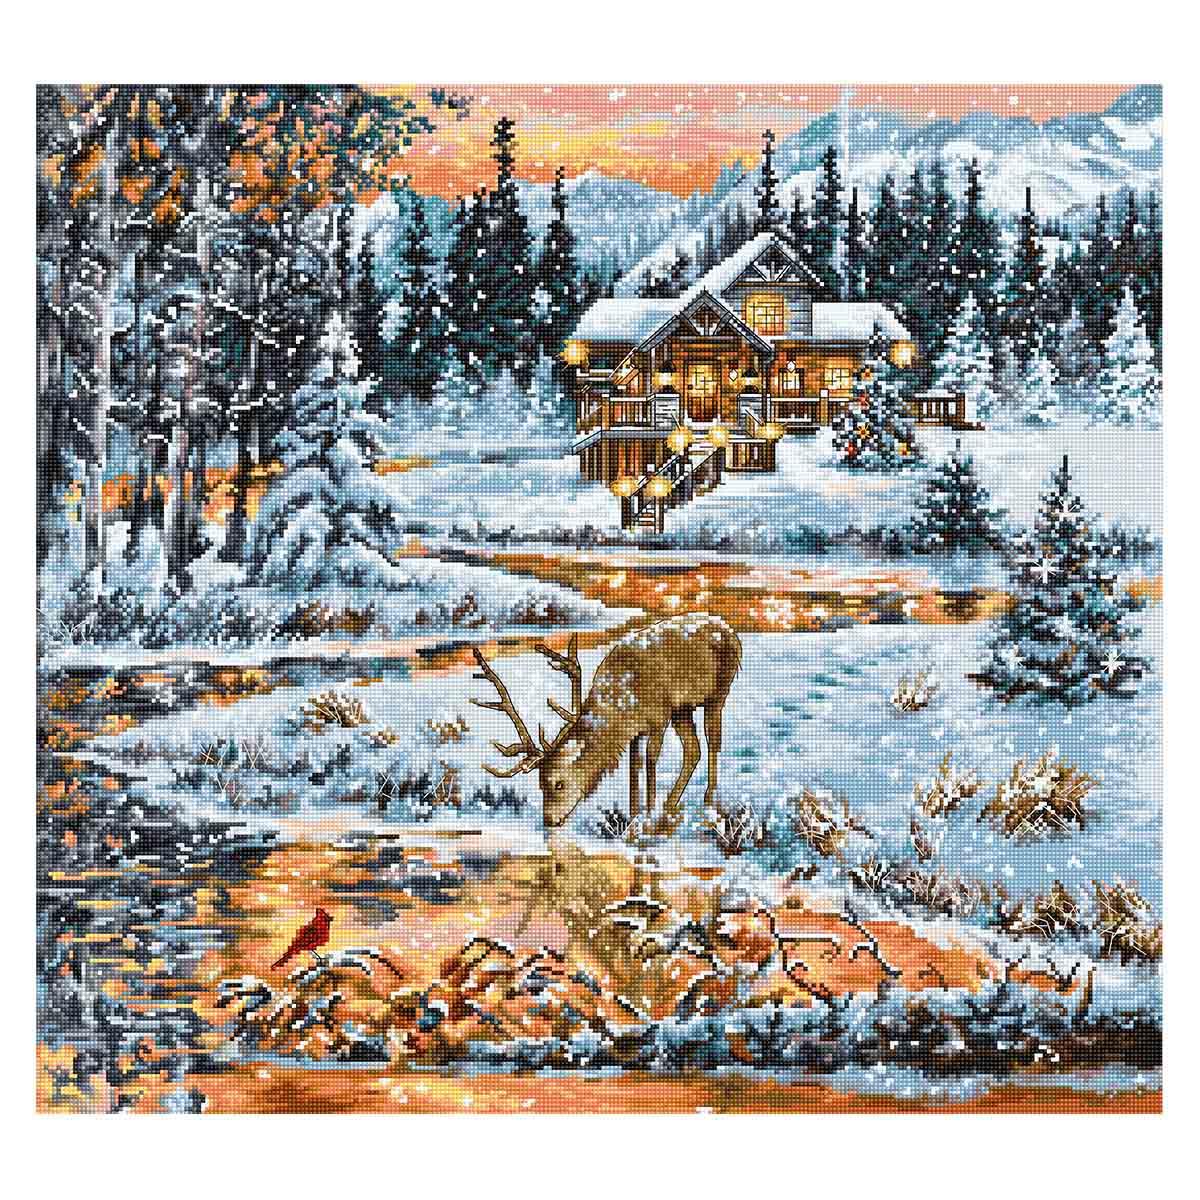 BU4022 Набор для вышивания 'Хижина в лесу' 43,5*40см, Luca-S